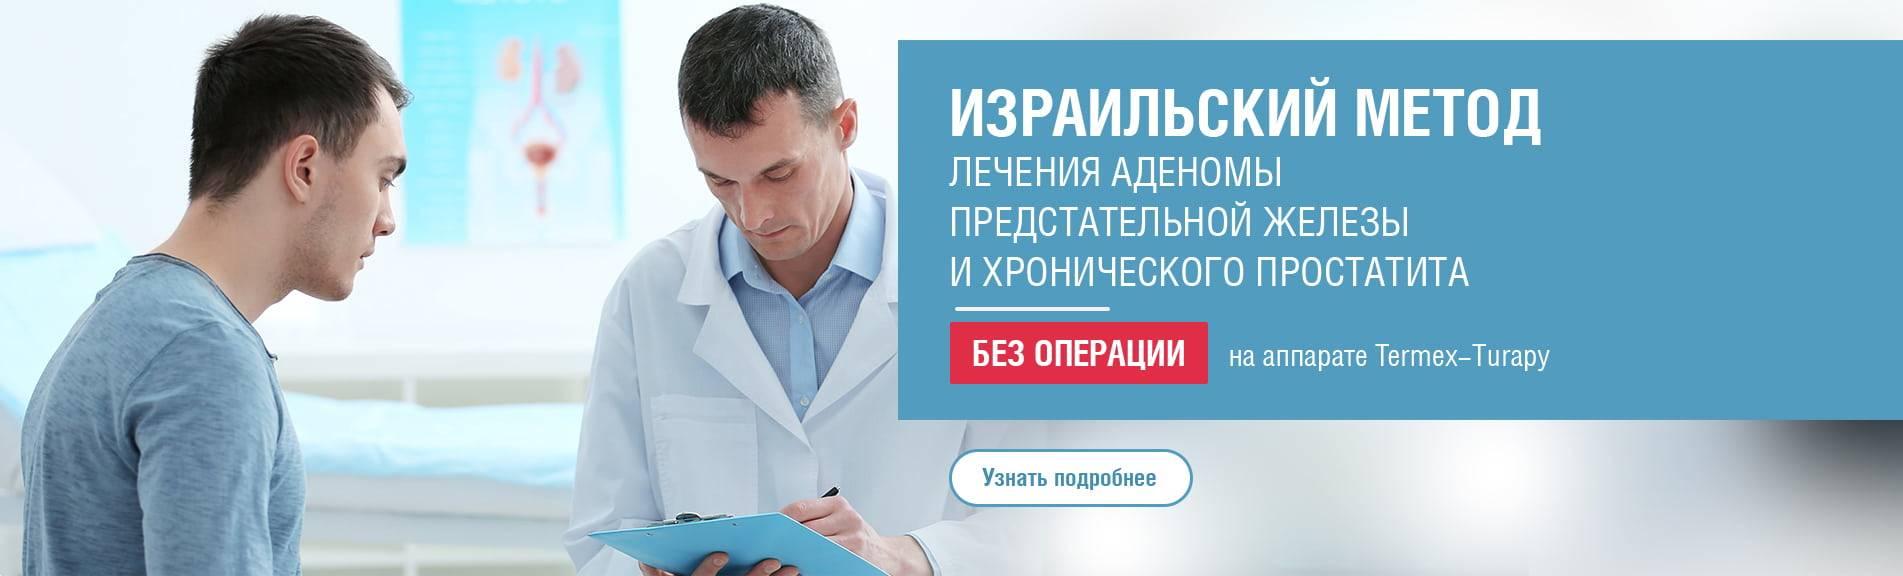 Хронический простатит: симптомы, диагностика, лечение